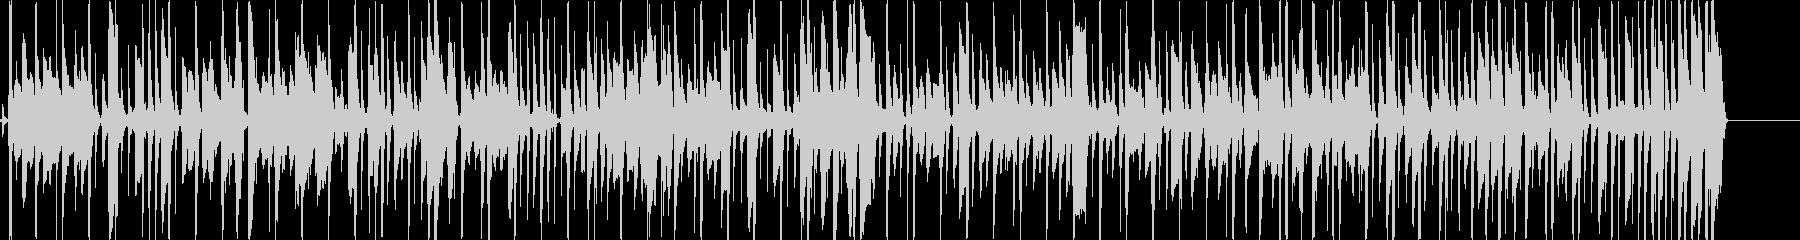 ファンキーでコミカルな曲の未再生の波形